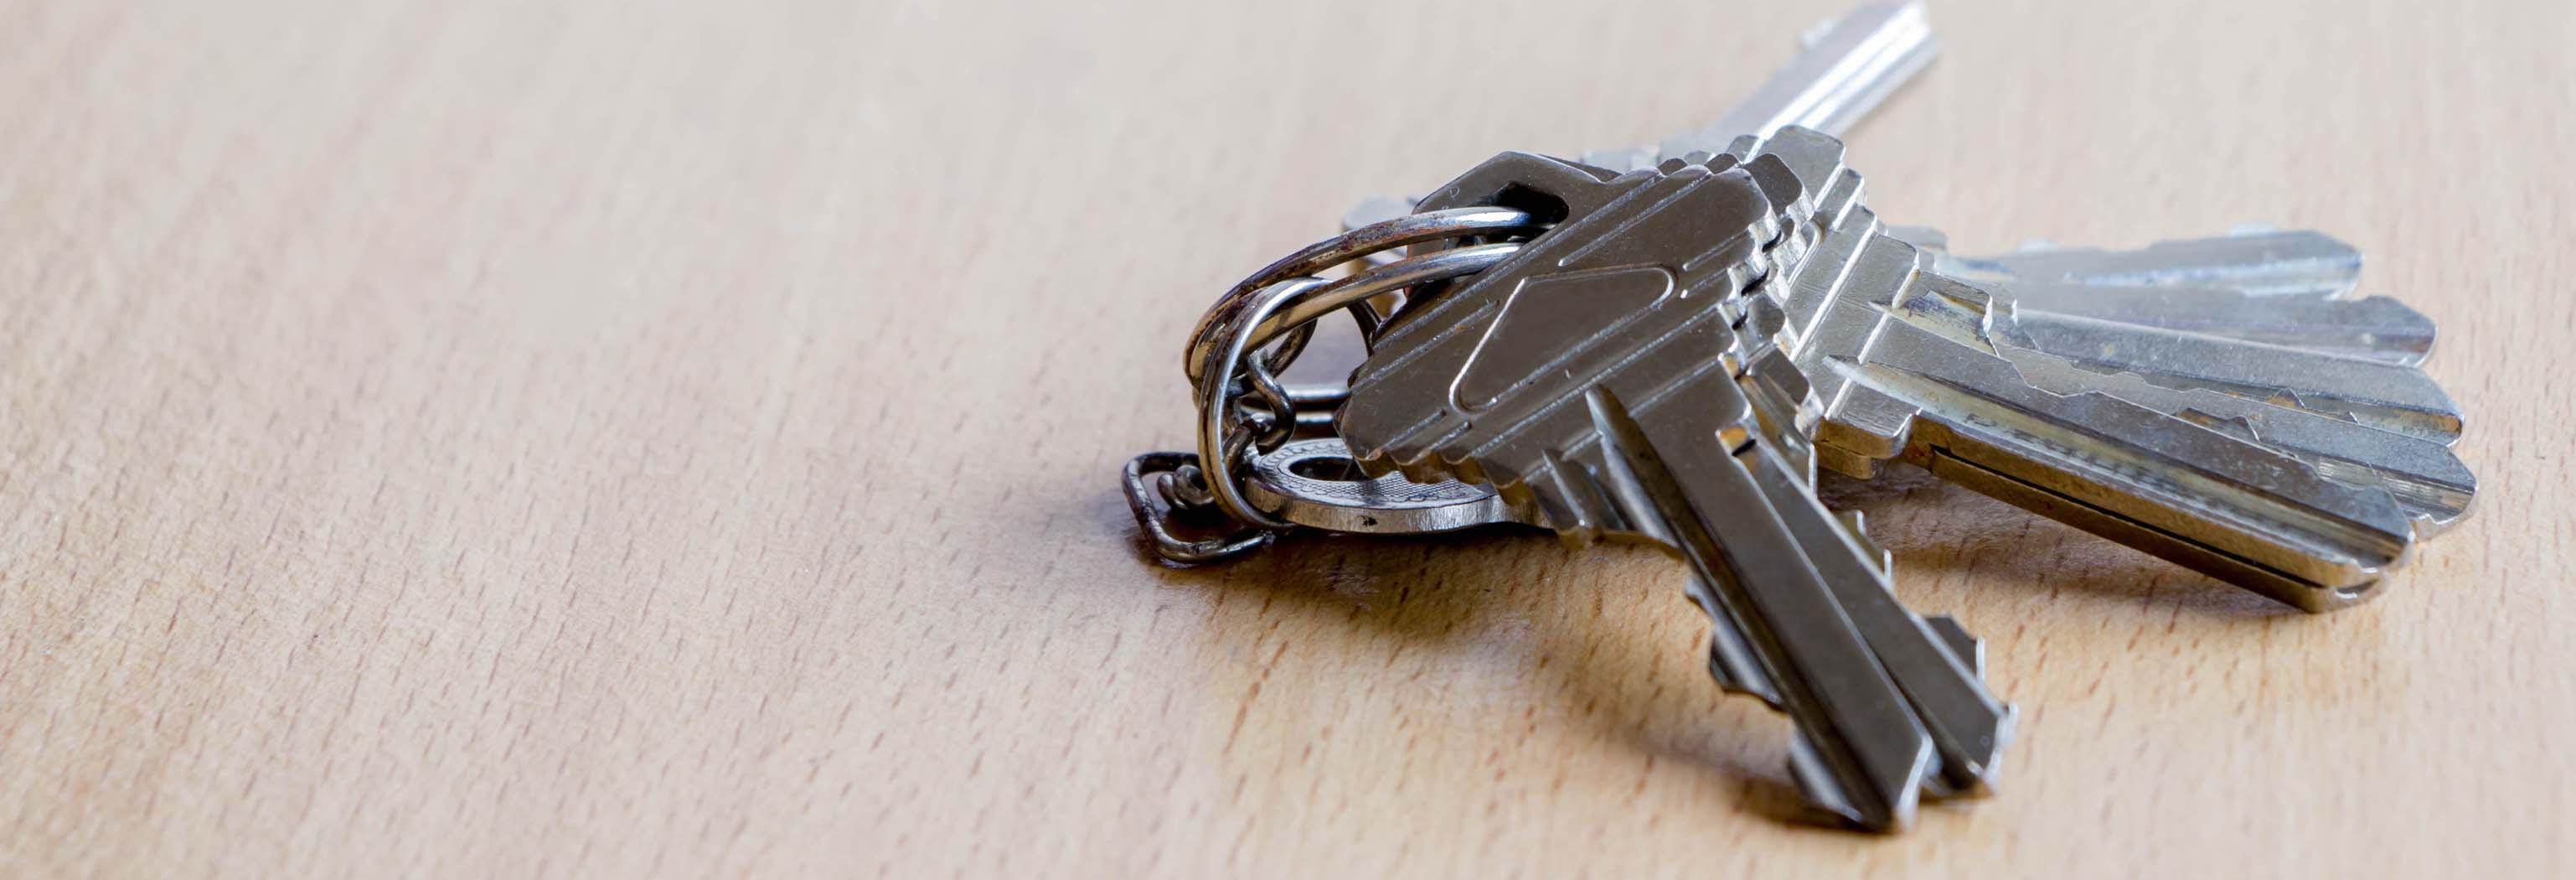 Keys on wood table